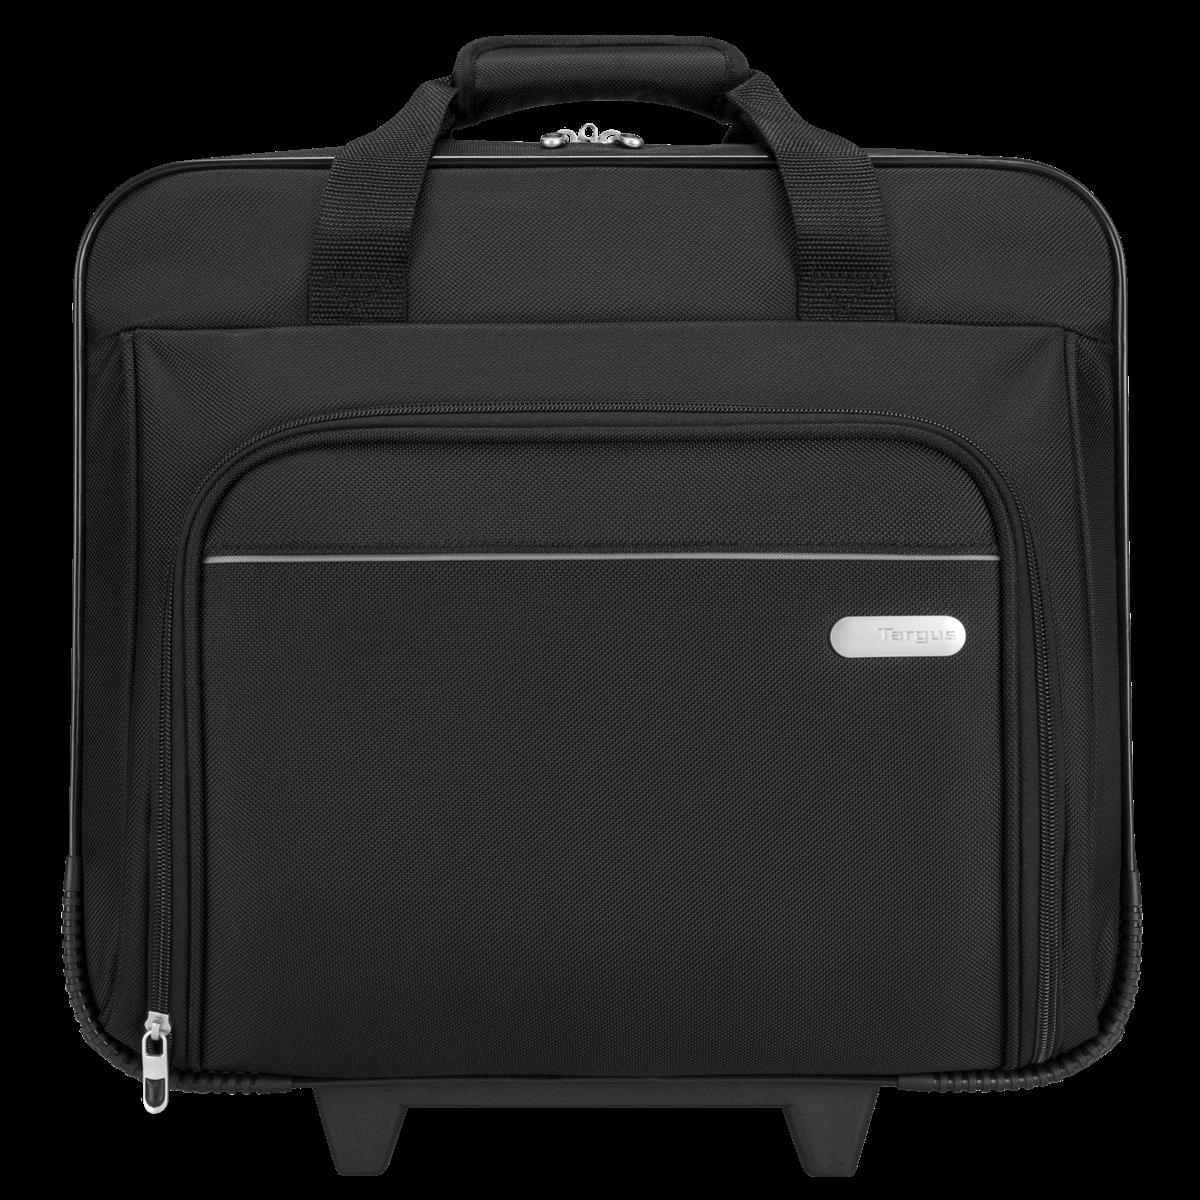 """Targus 16"""" Rolling Laptop Case $47.99"""